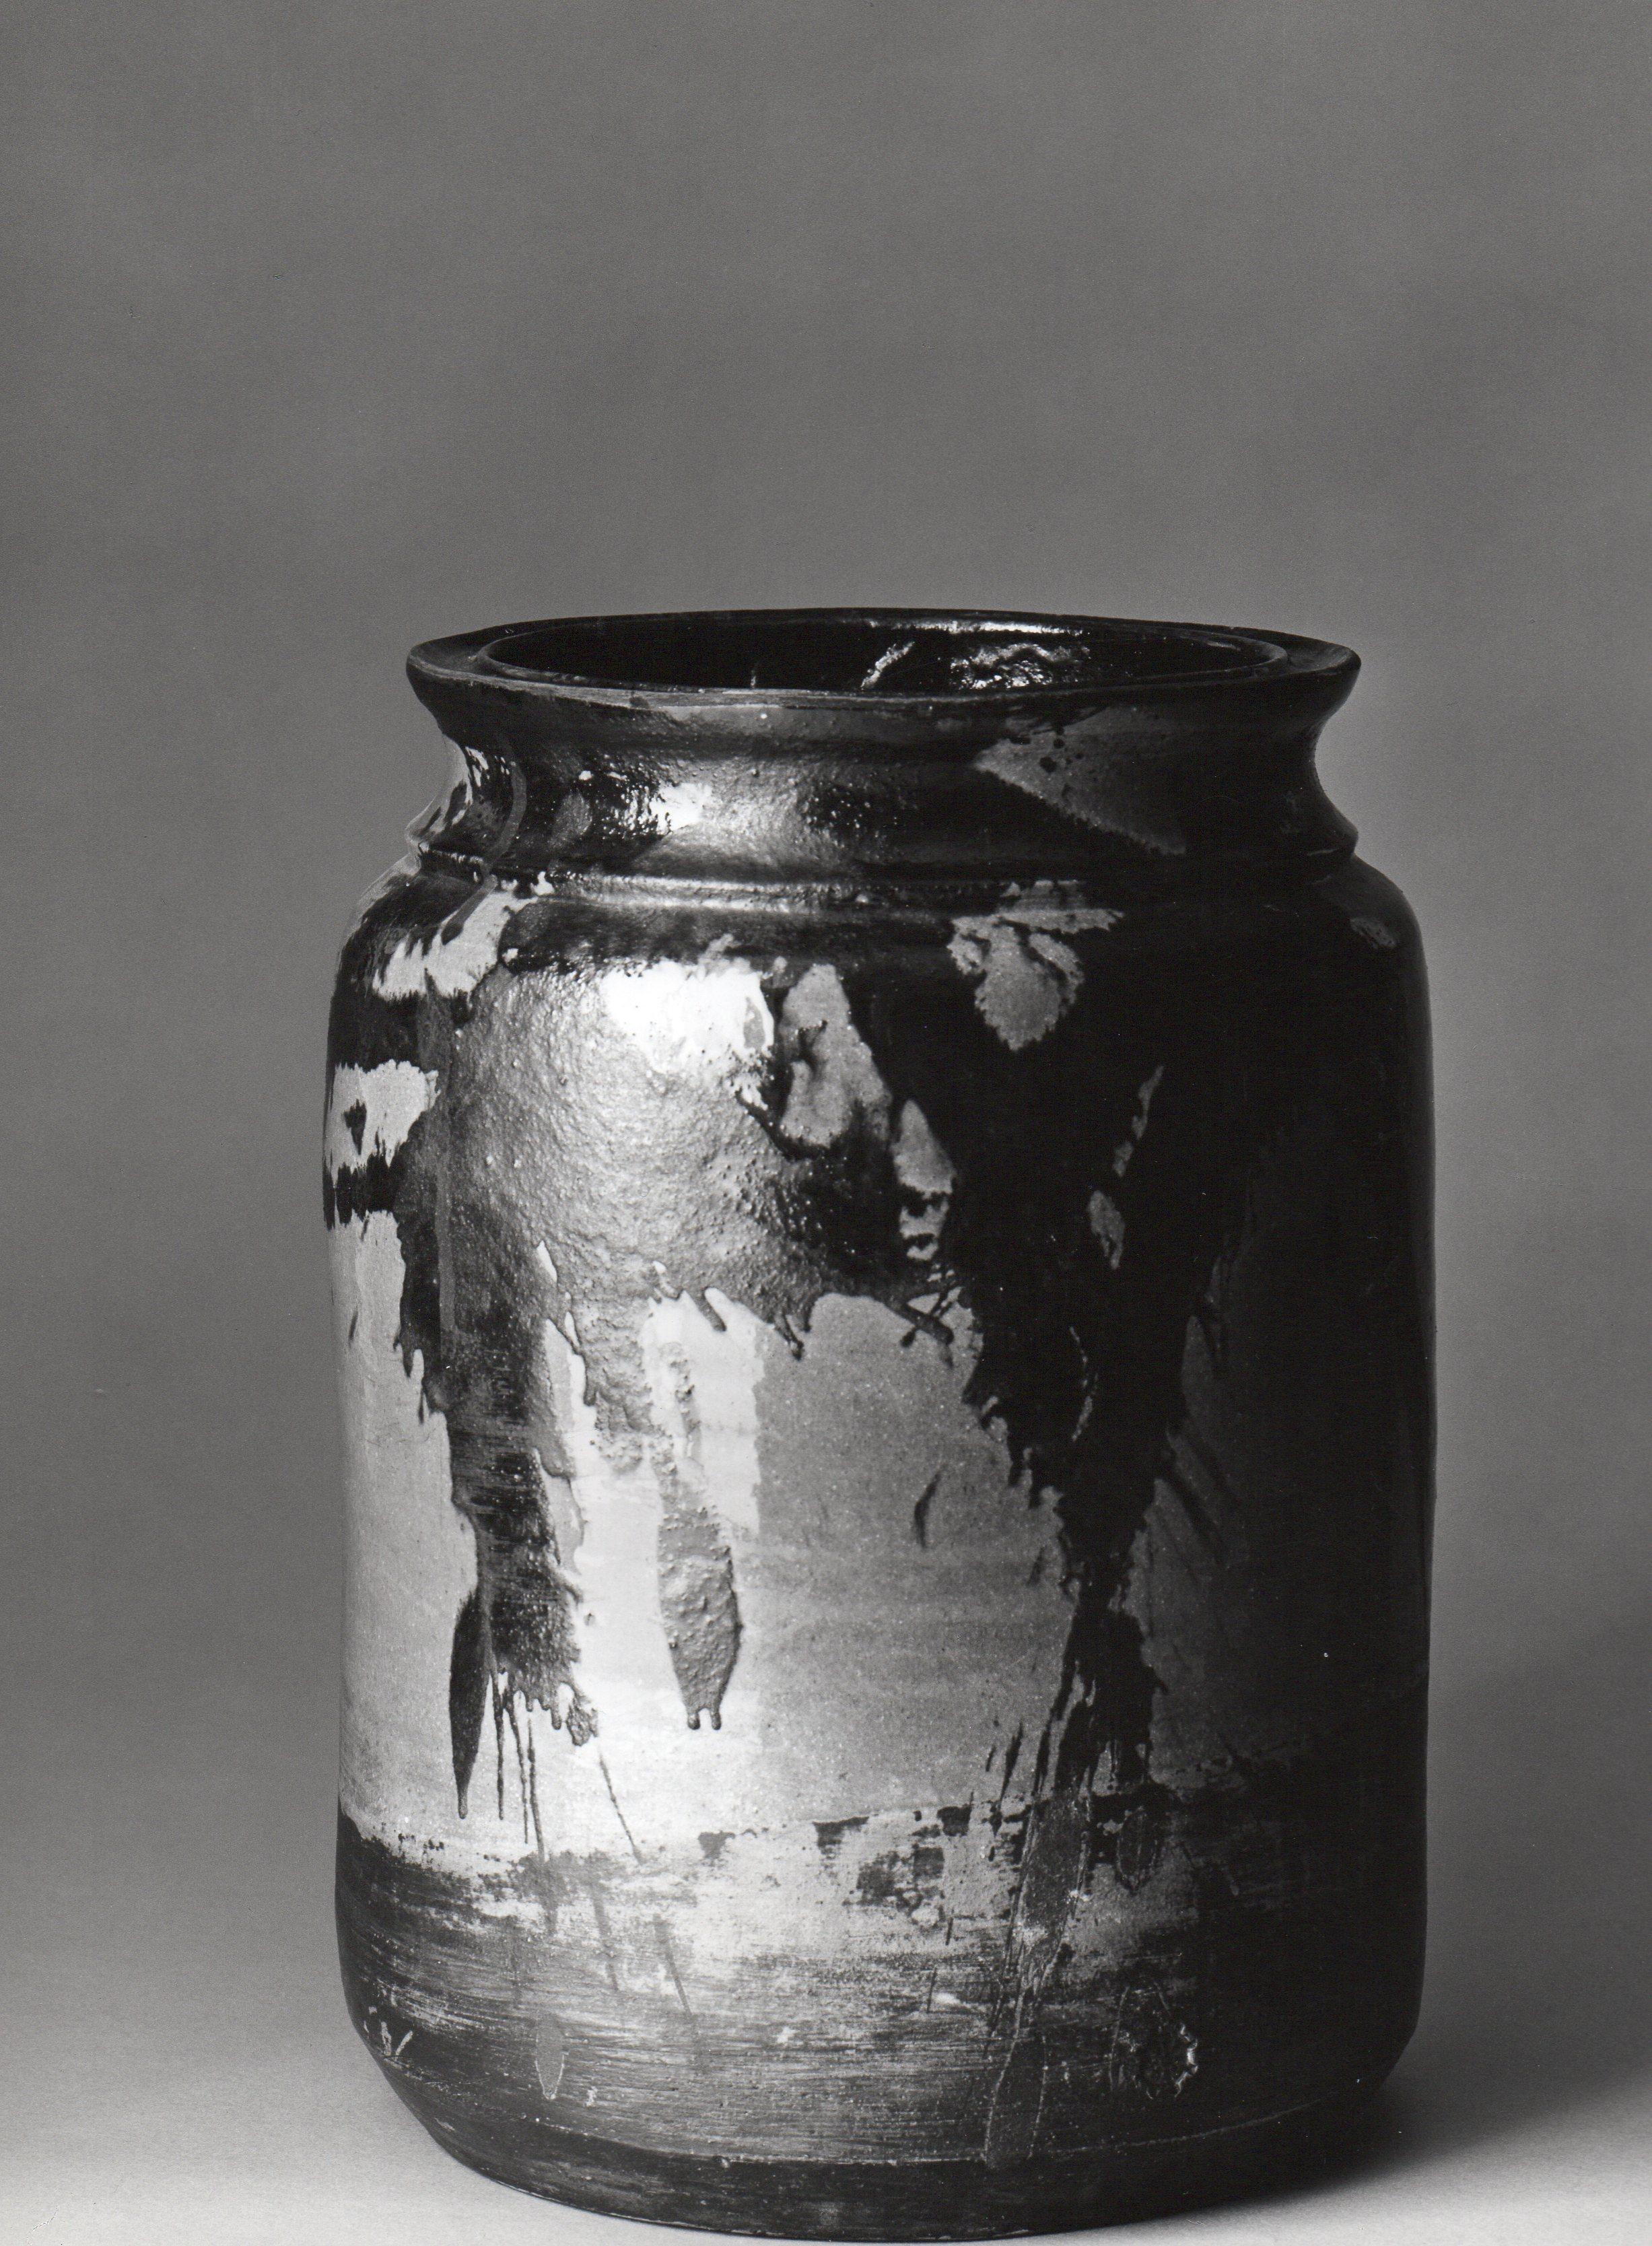 Vaso Celadon, esposto in Biennale Venezia, 1972 ph. Aldo Ballo